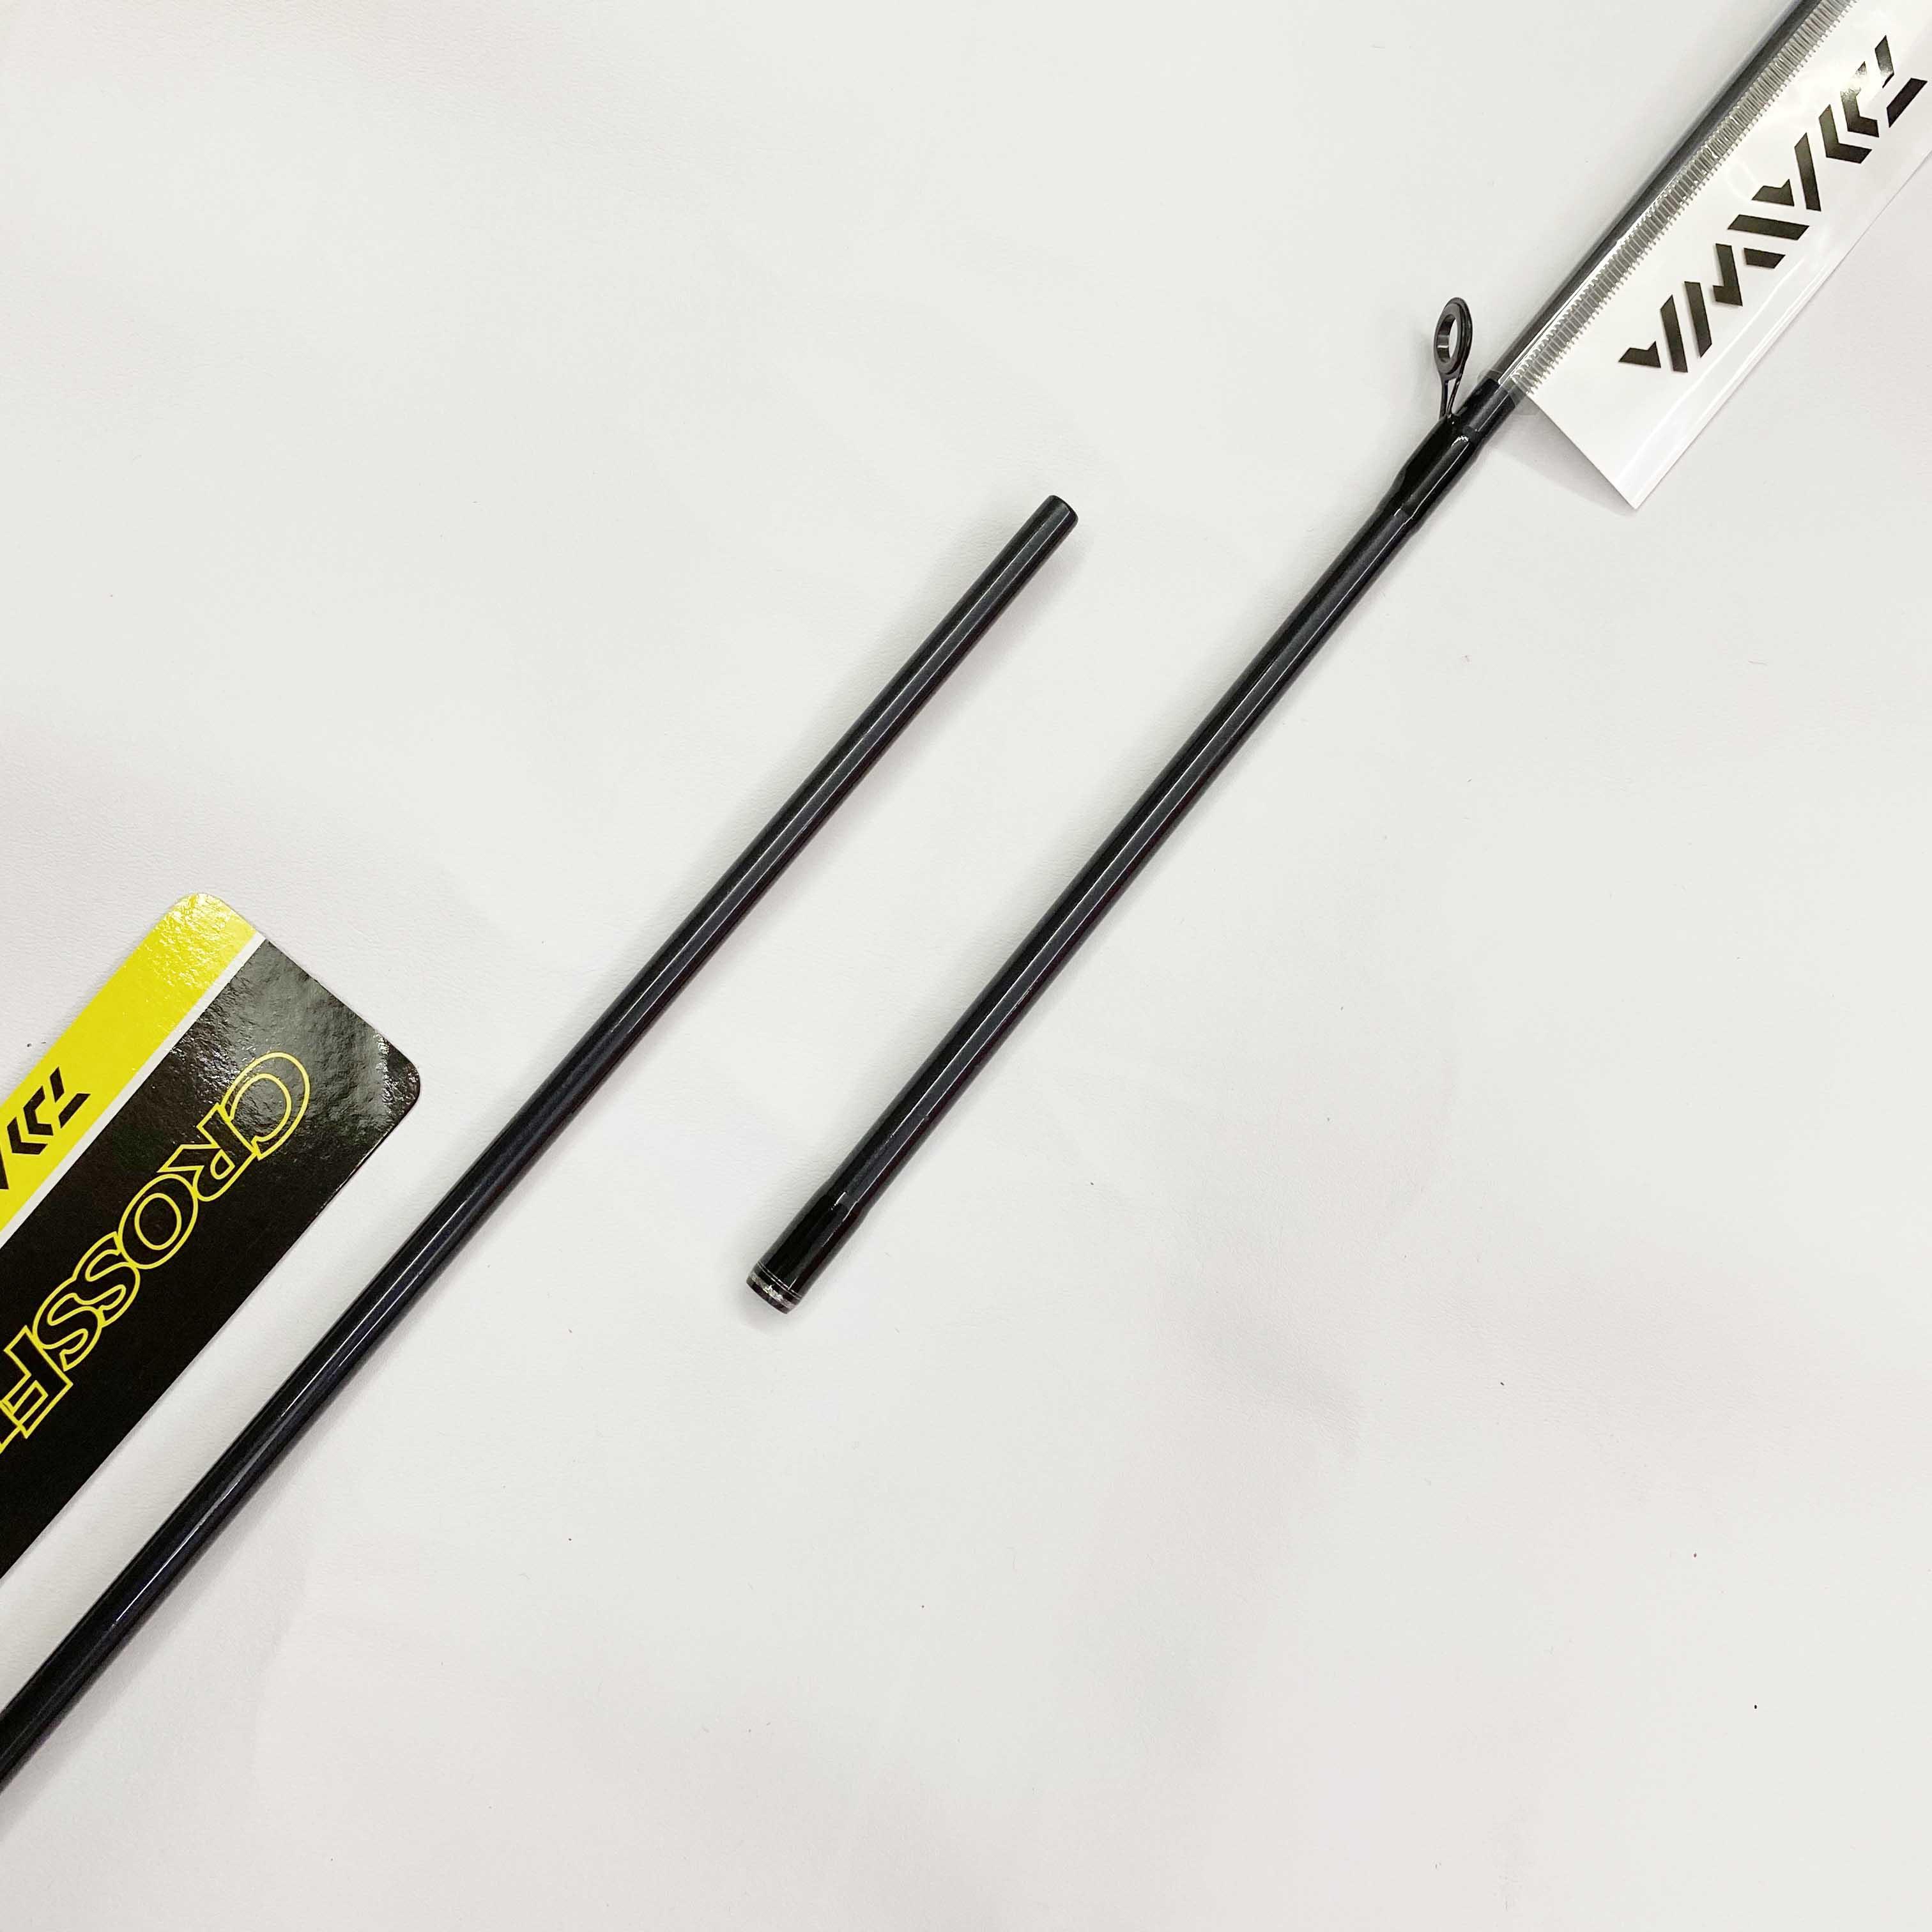 Cần câu cá Daiwa Crossfire 1m98 cần lure máy ngang 662 MHB-SD